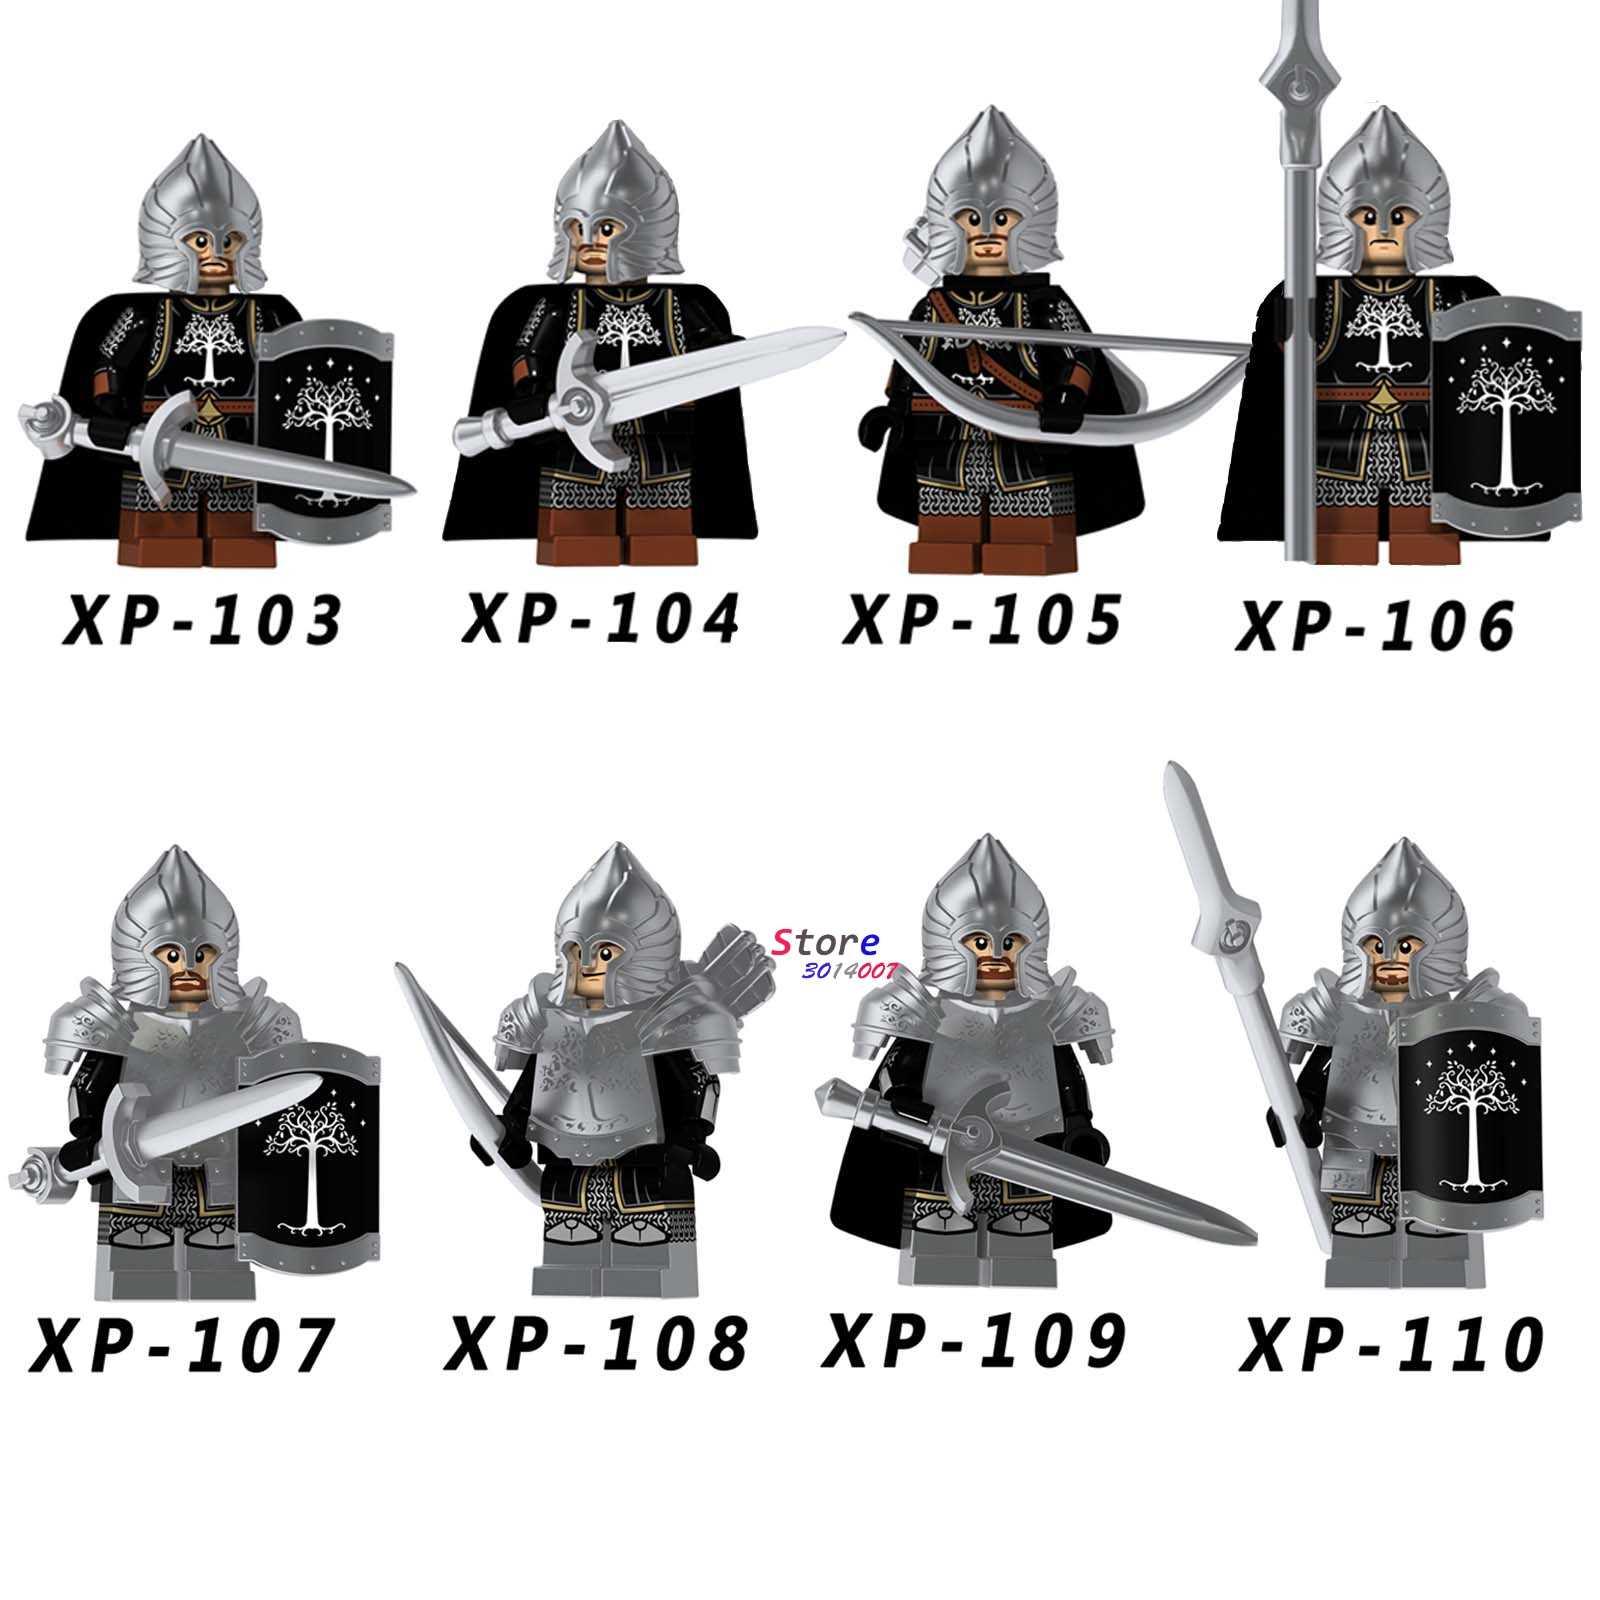 Único cavaleiro medieval senhor dos anéis de gondor lança arqueiro espada modelo blocos de construção tijolos brinquedos